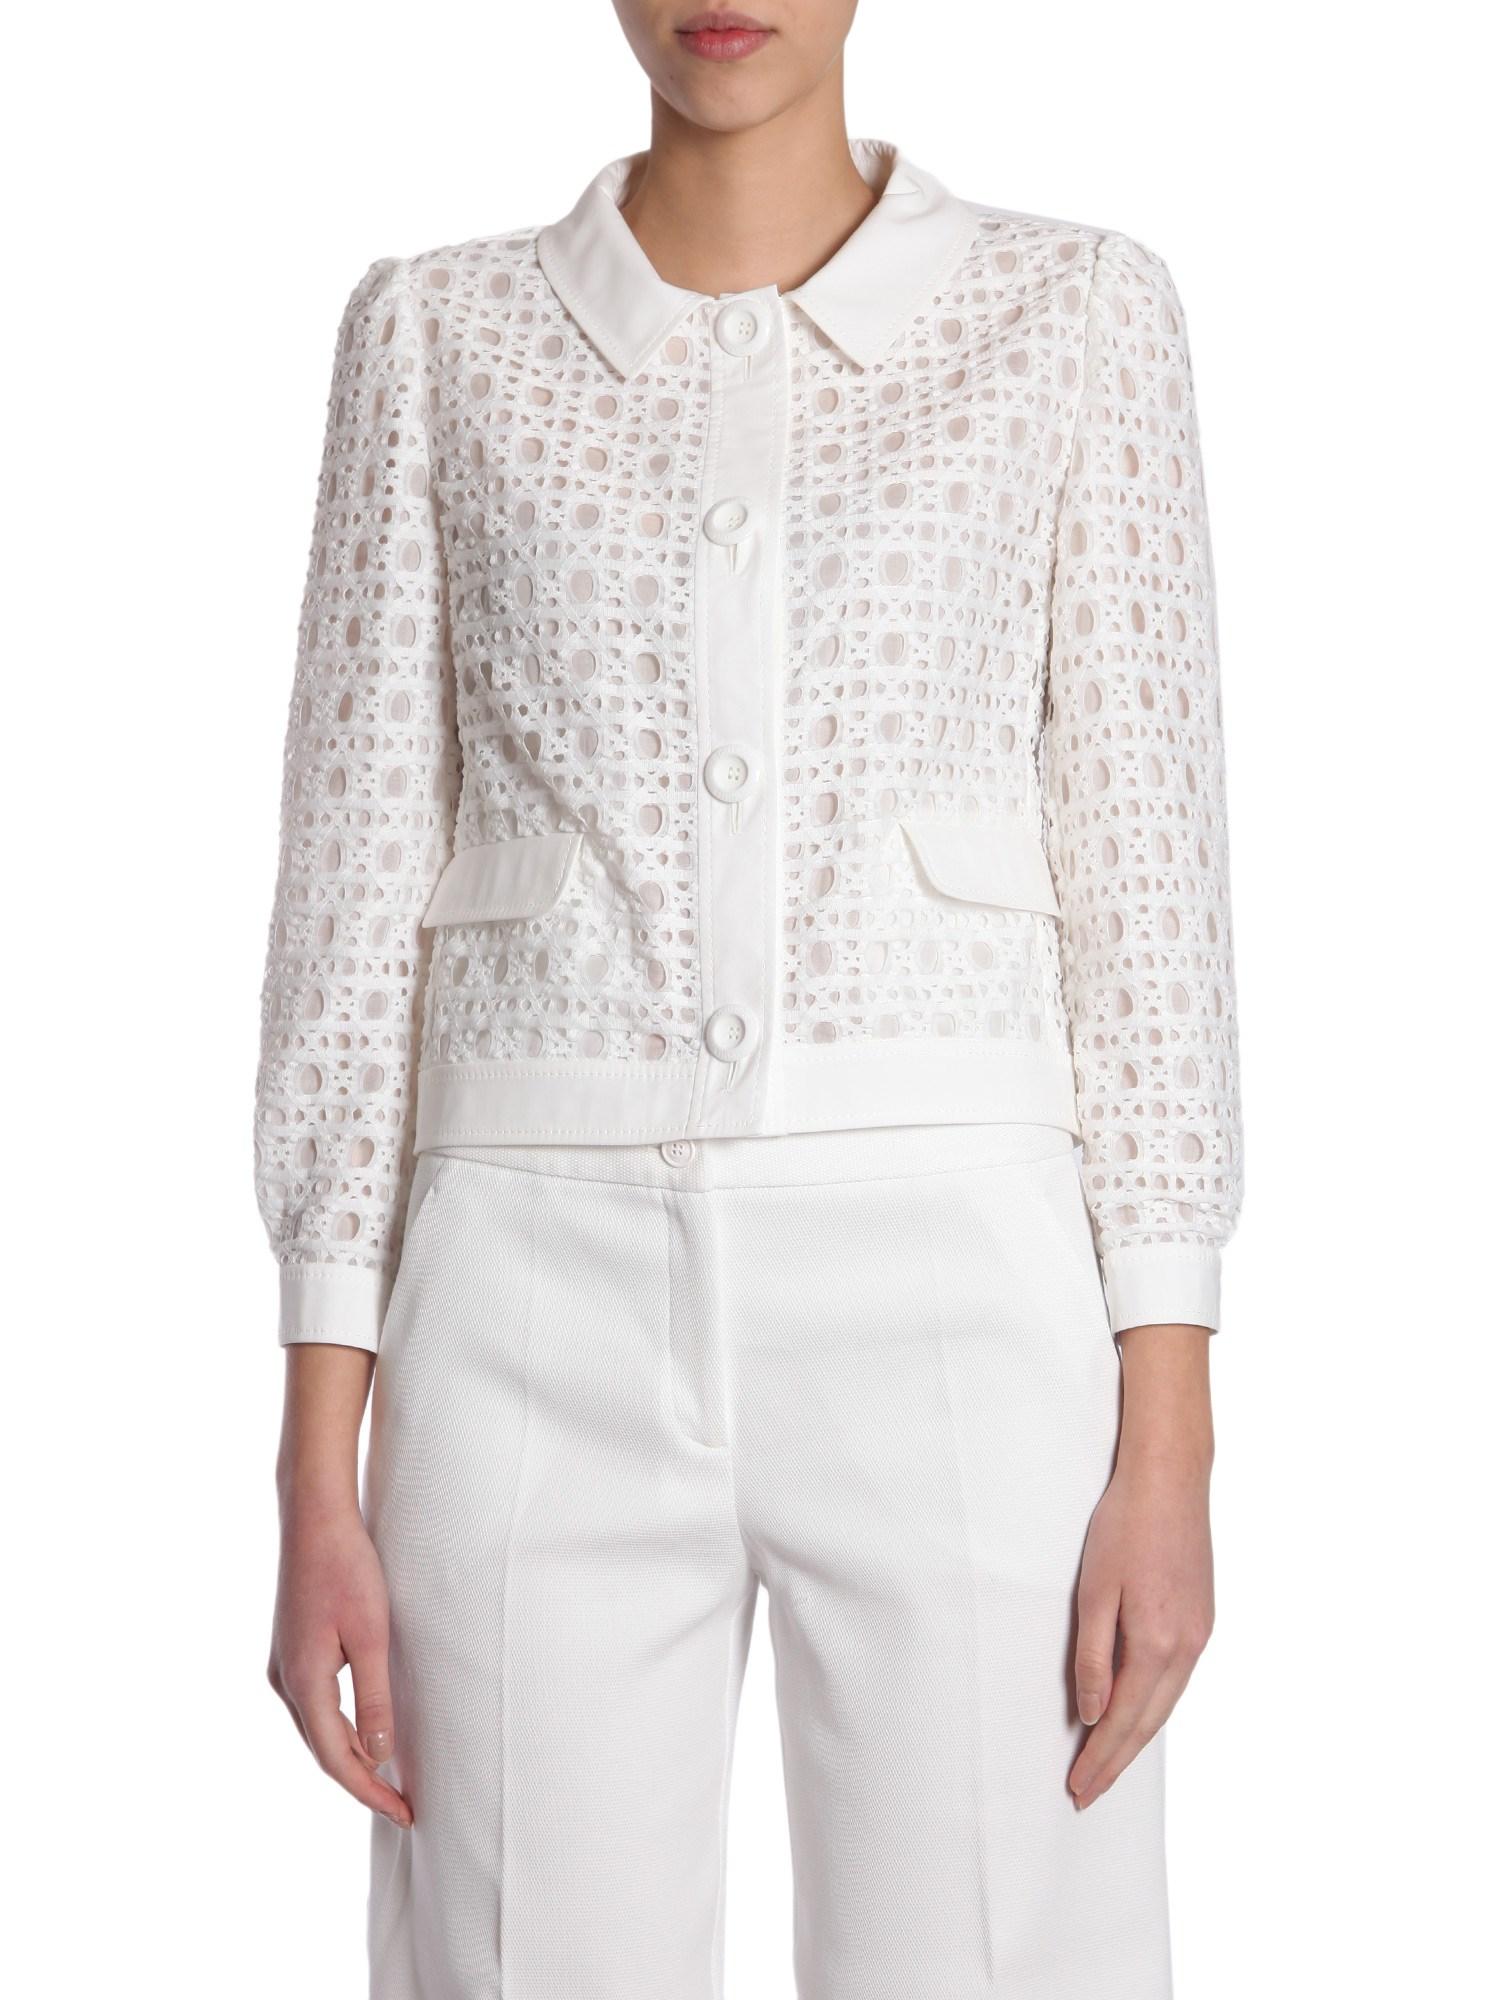 Sangallo lace blazer - boutique moschino - Modalova